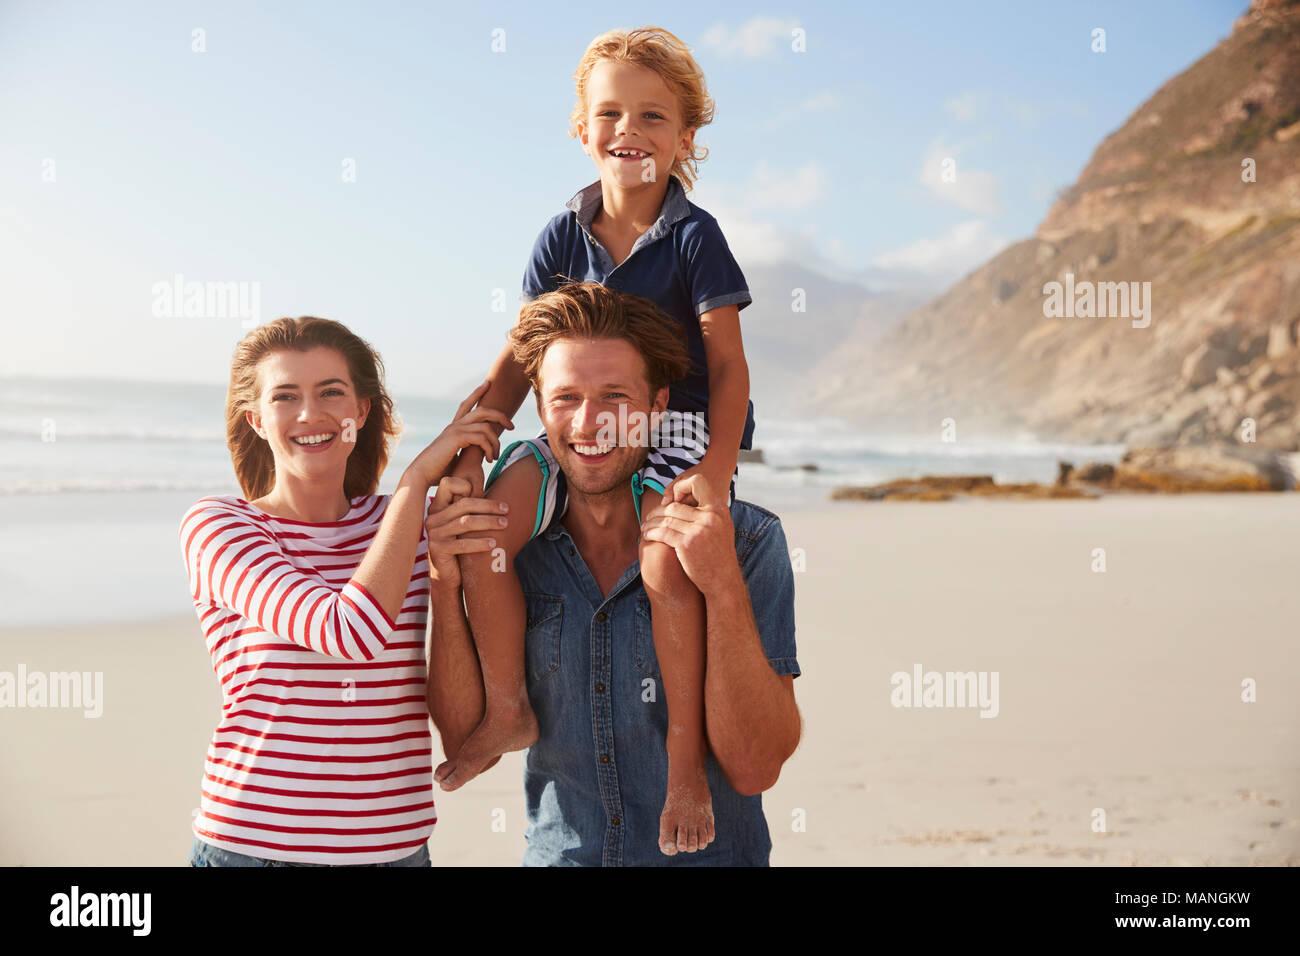 Ritratto di genitori figlio che porta sulle spalle sulla Spiaggia di vacanze Immagini Stock